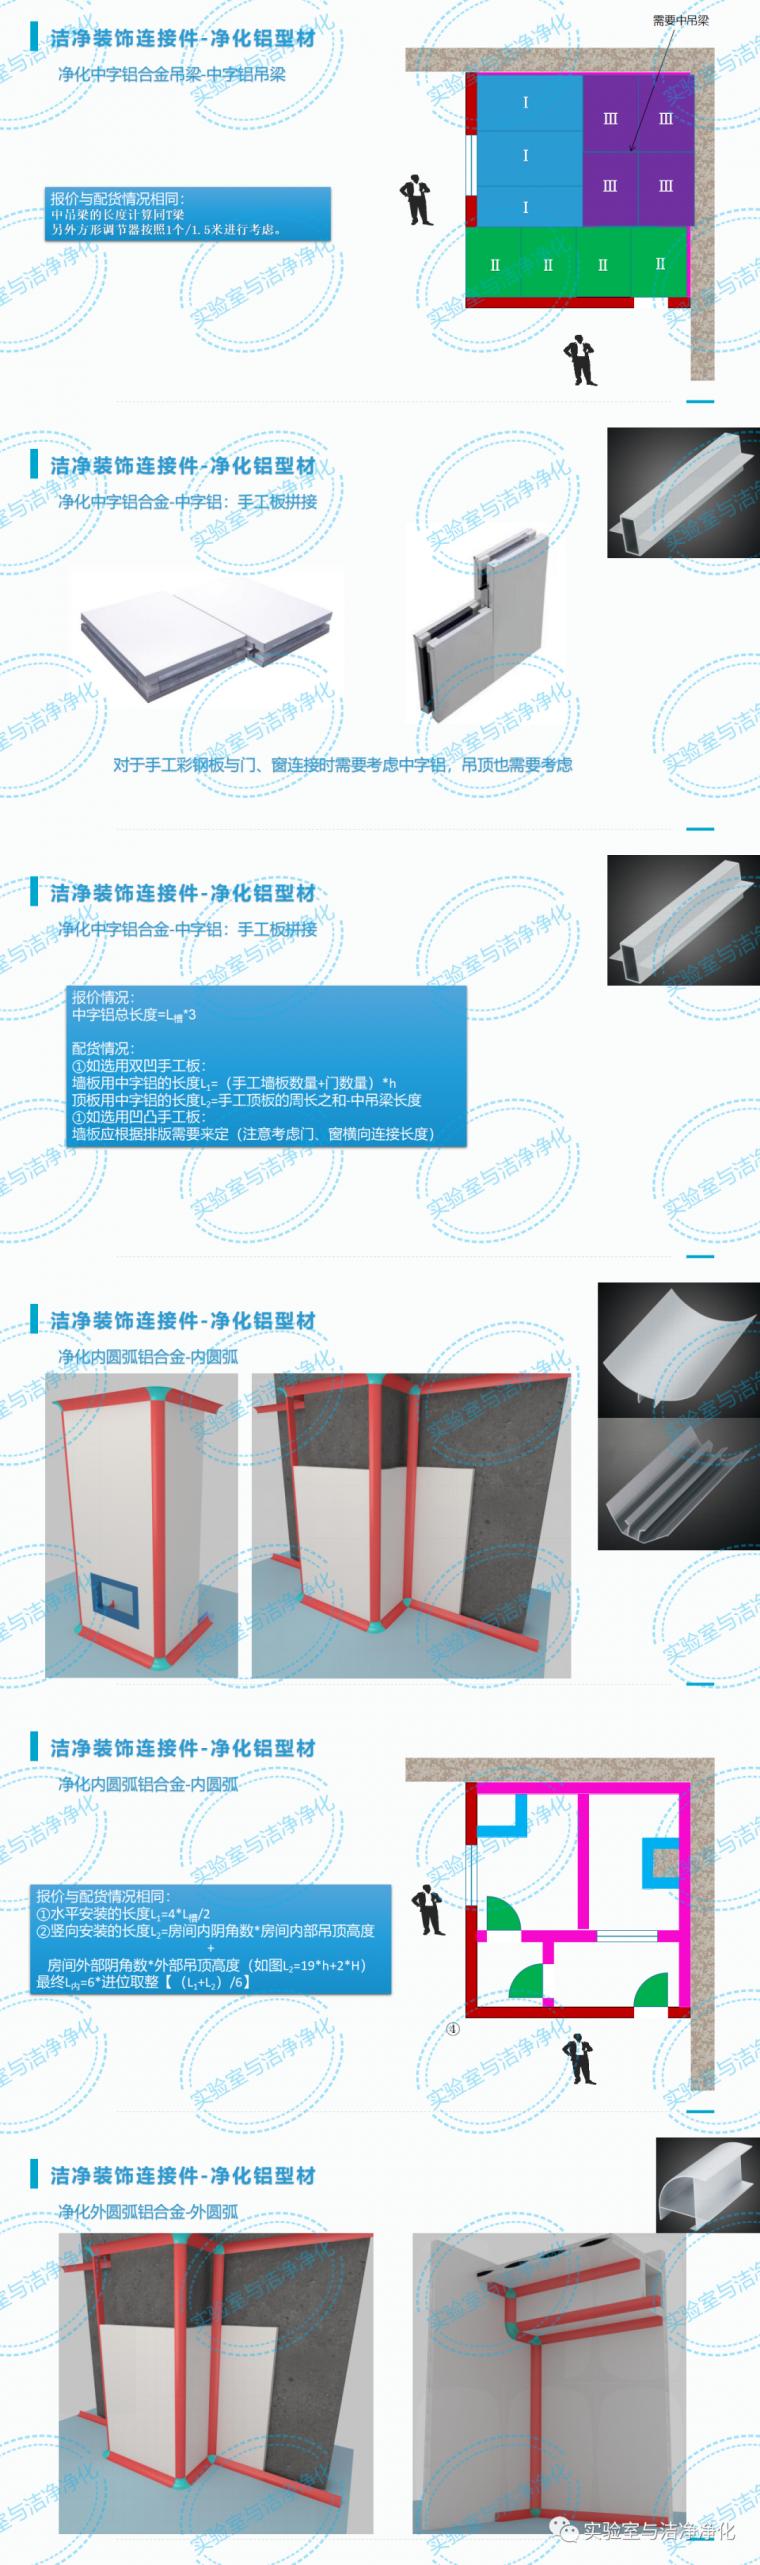 洁净装饰装修工程量计算方法_6